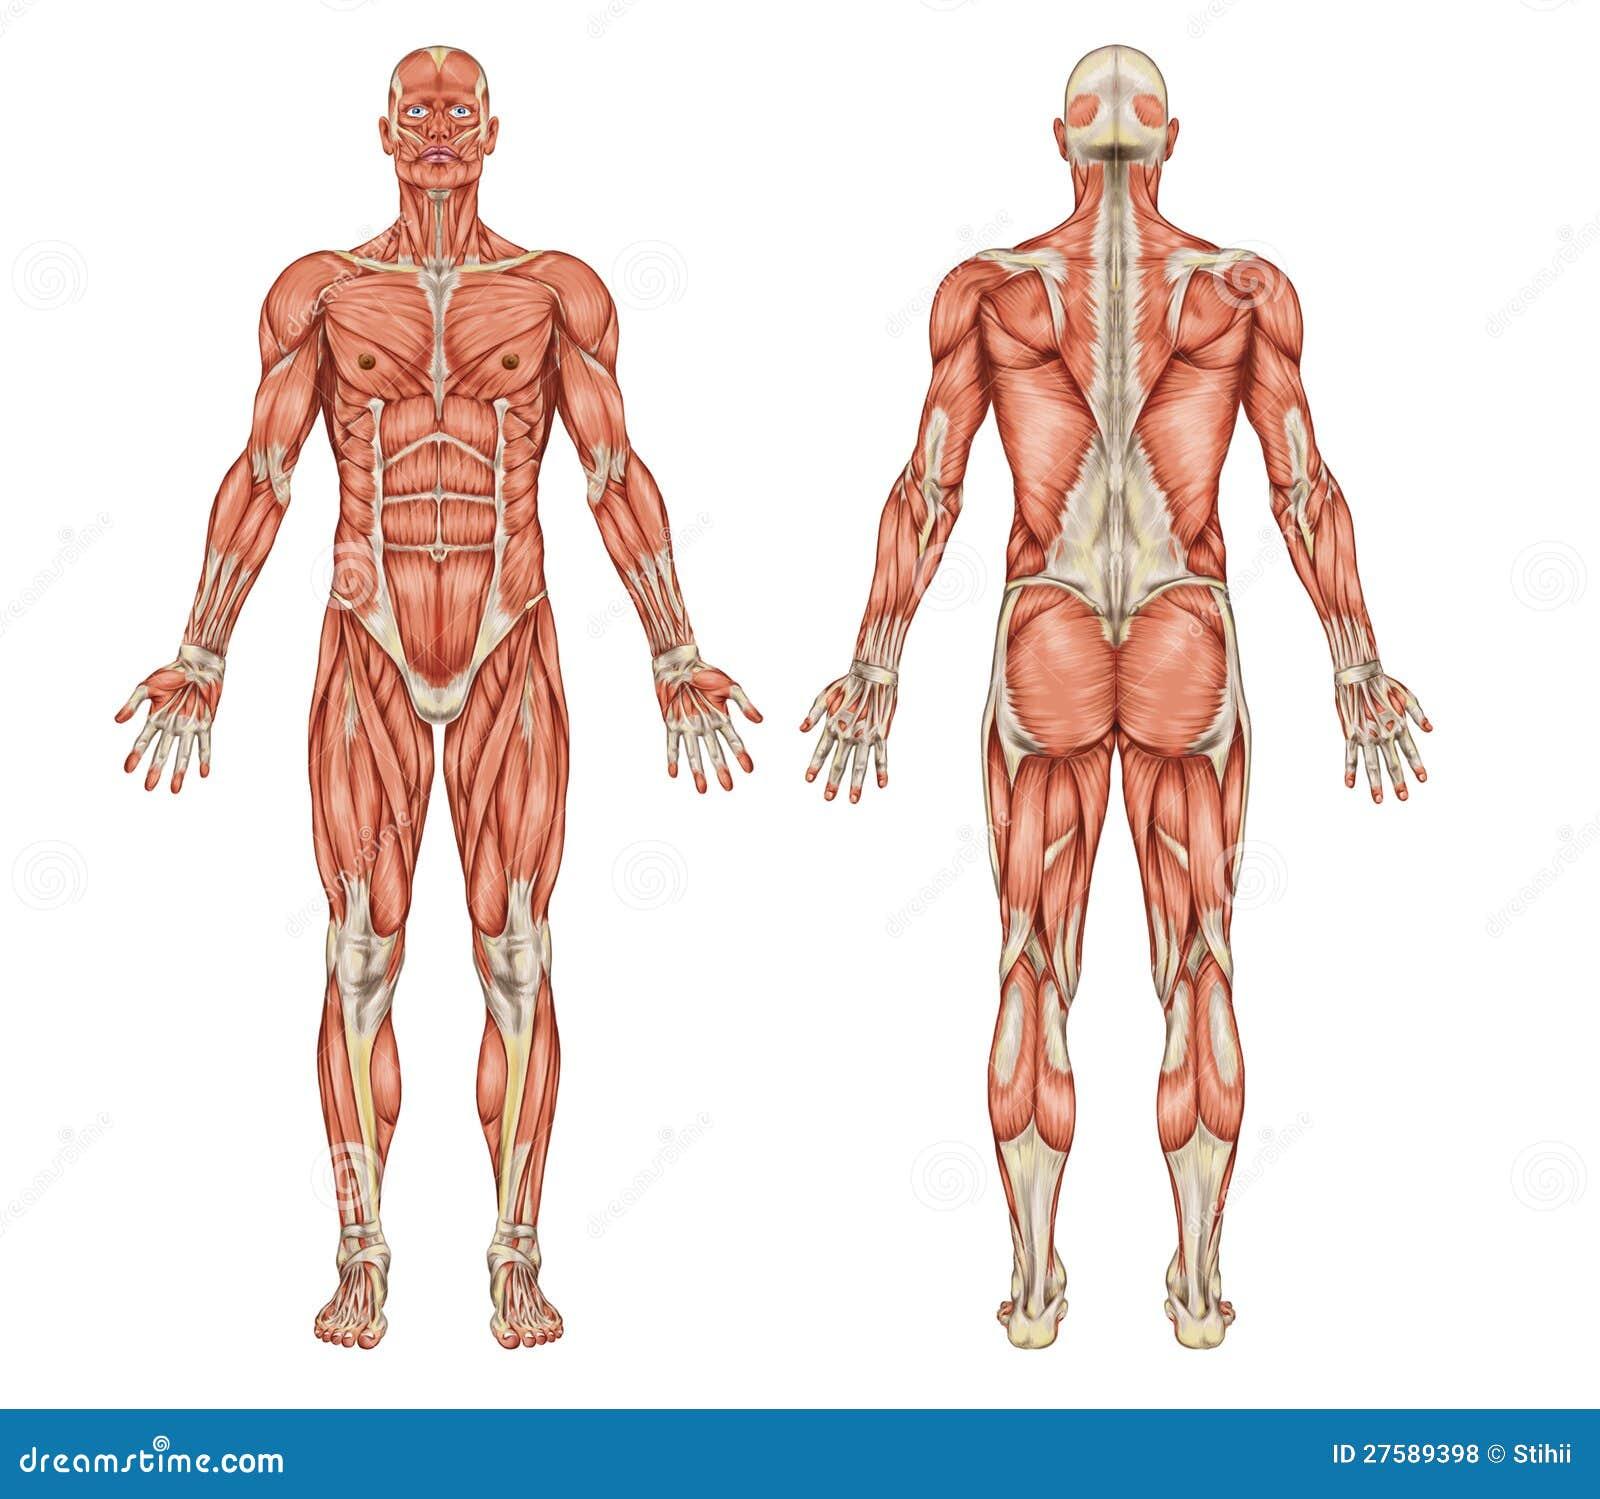 Encantador Ingle Anatomía Masculina Embellecimiento - Imágenes de ...